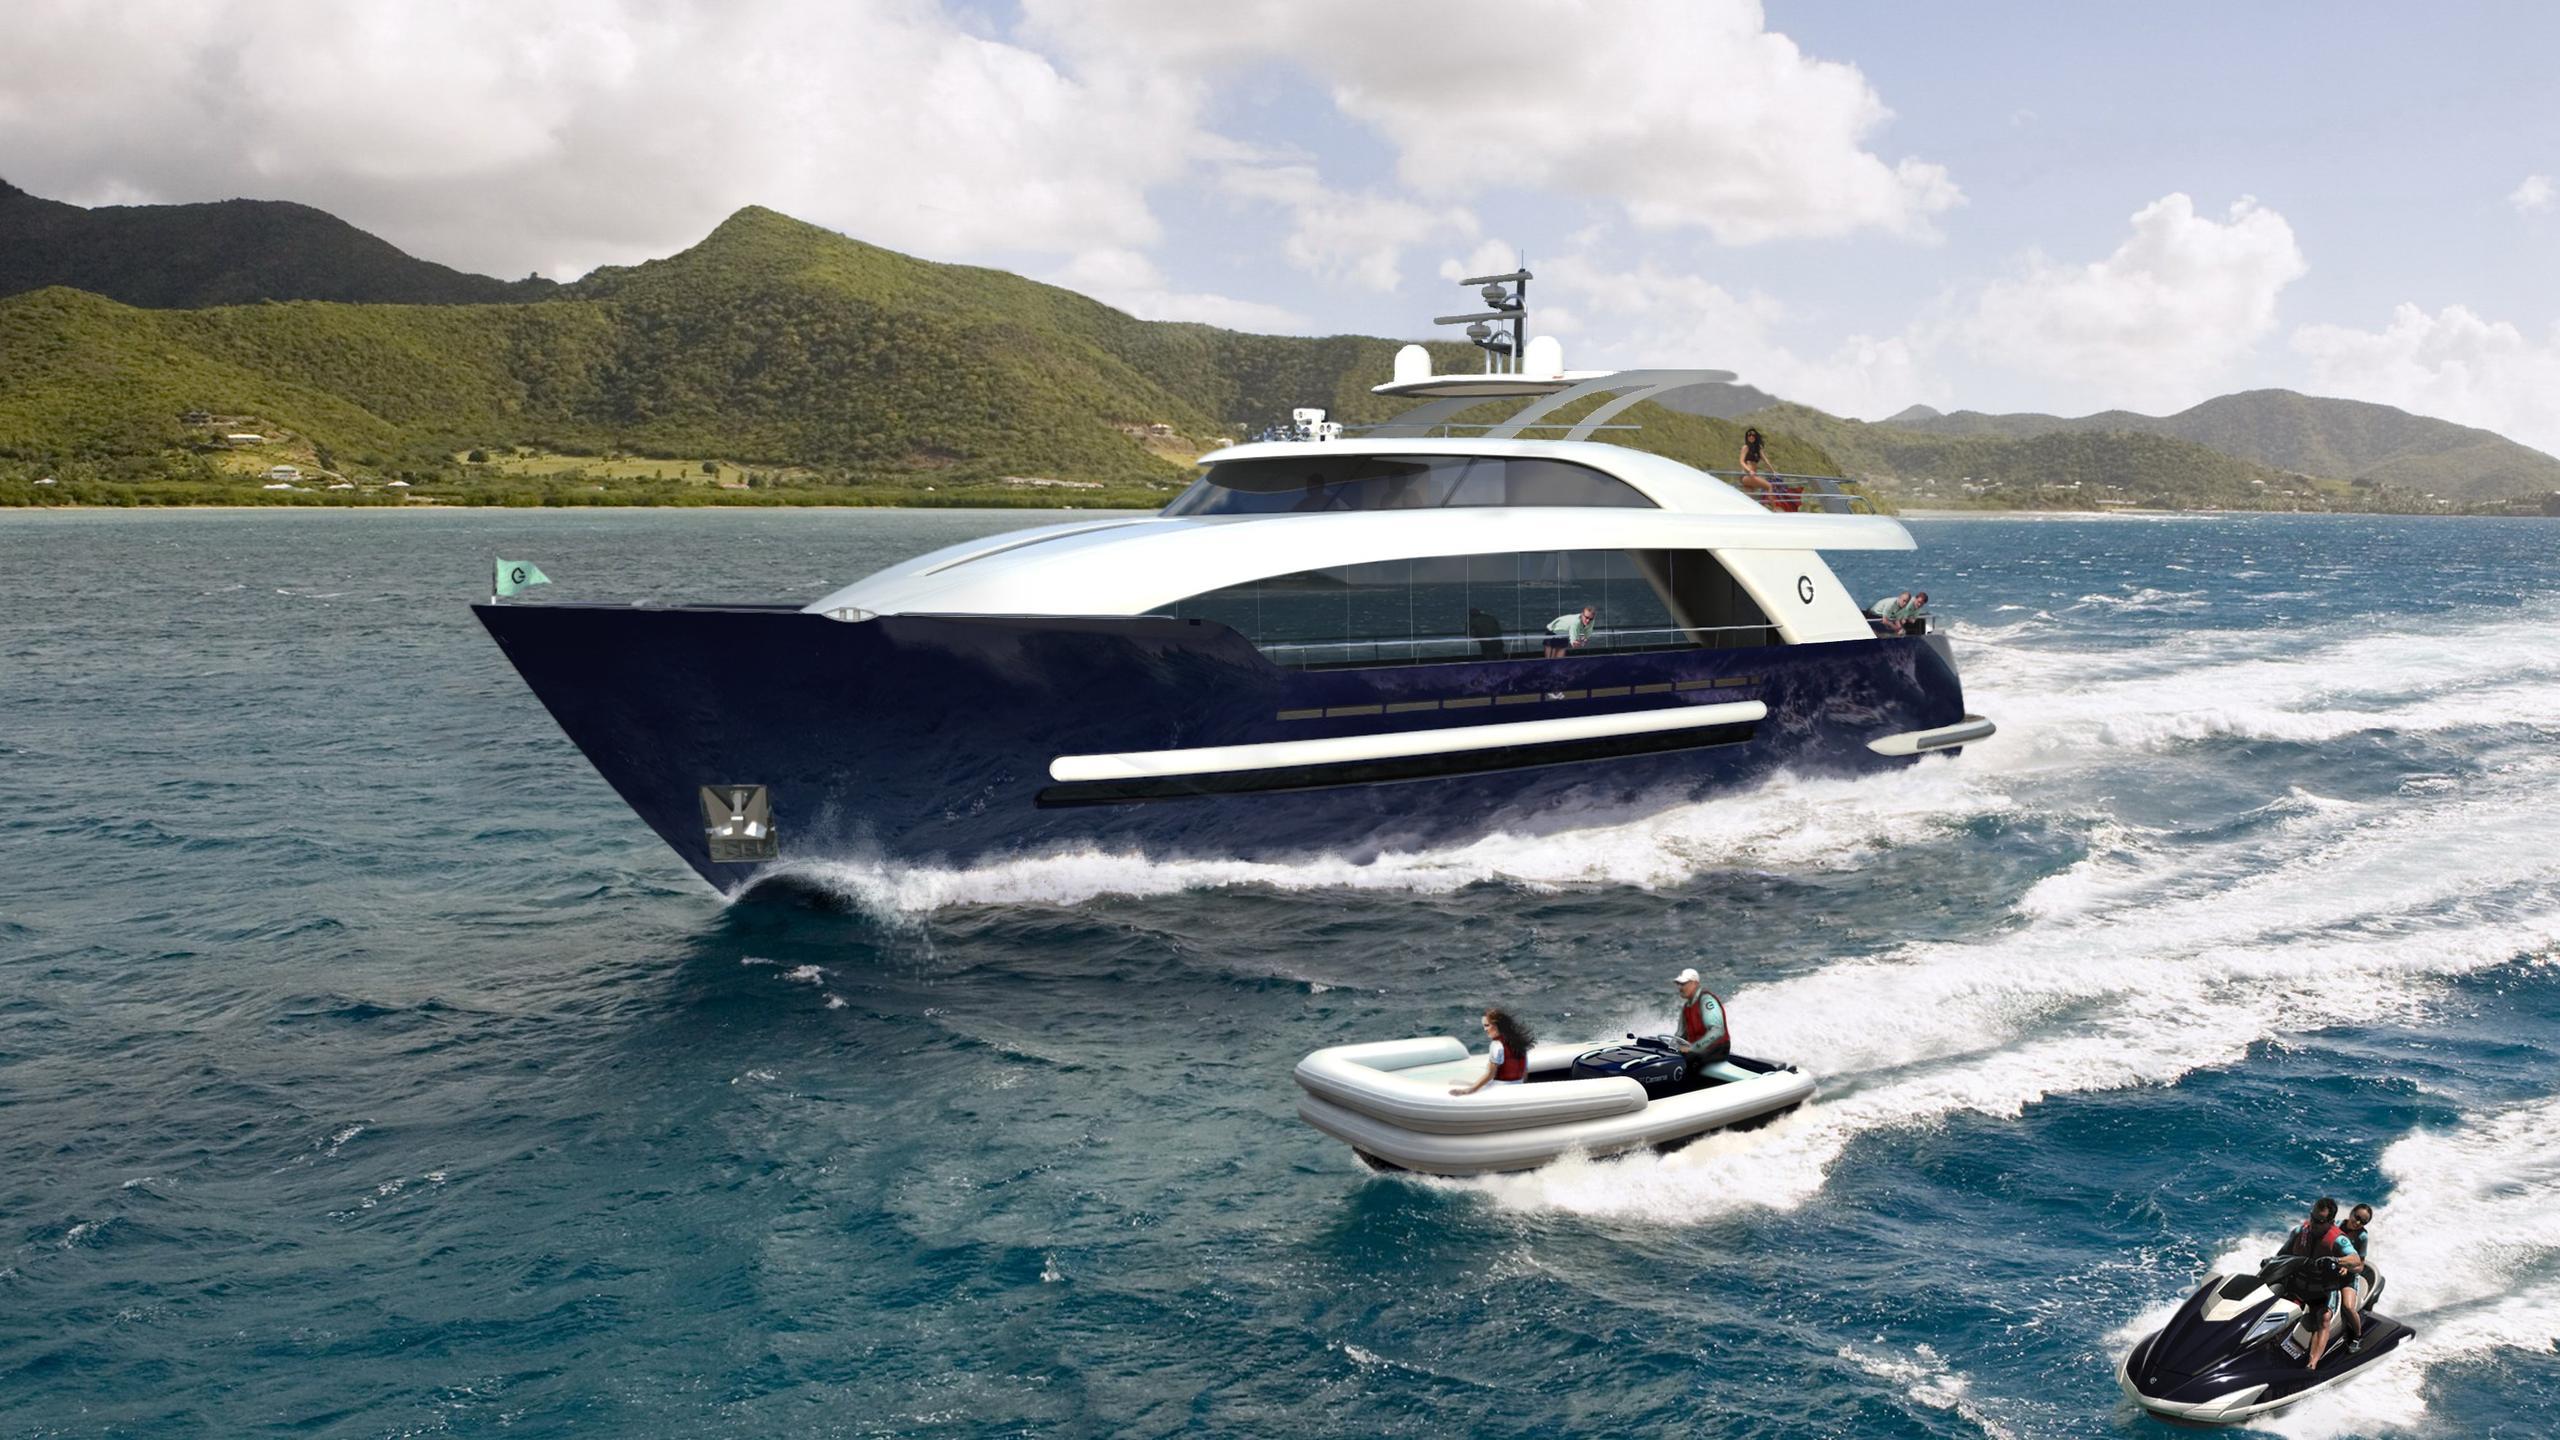 islander-icon-100-yacht-exterior